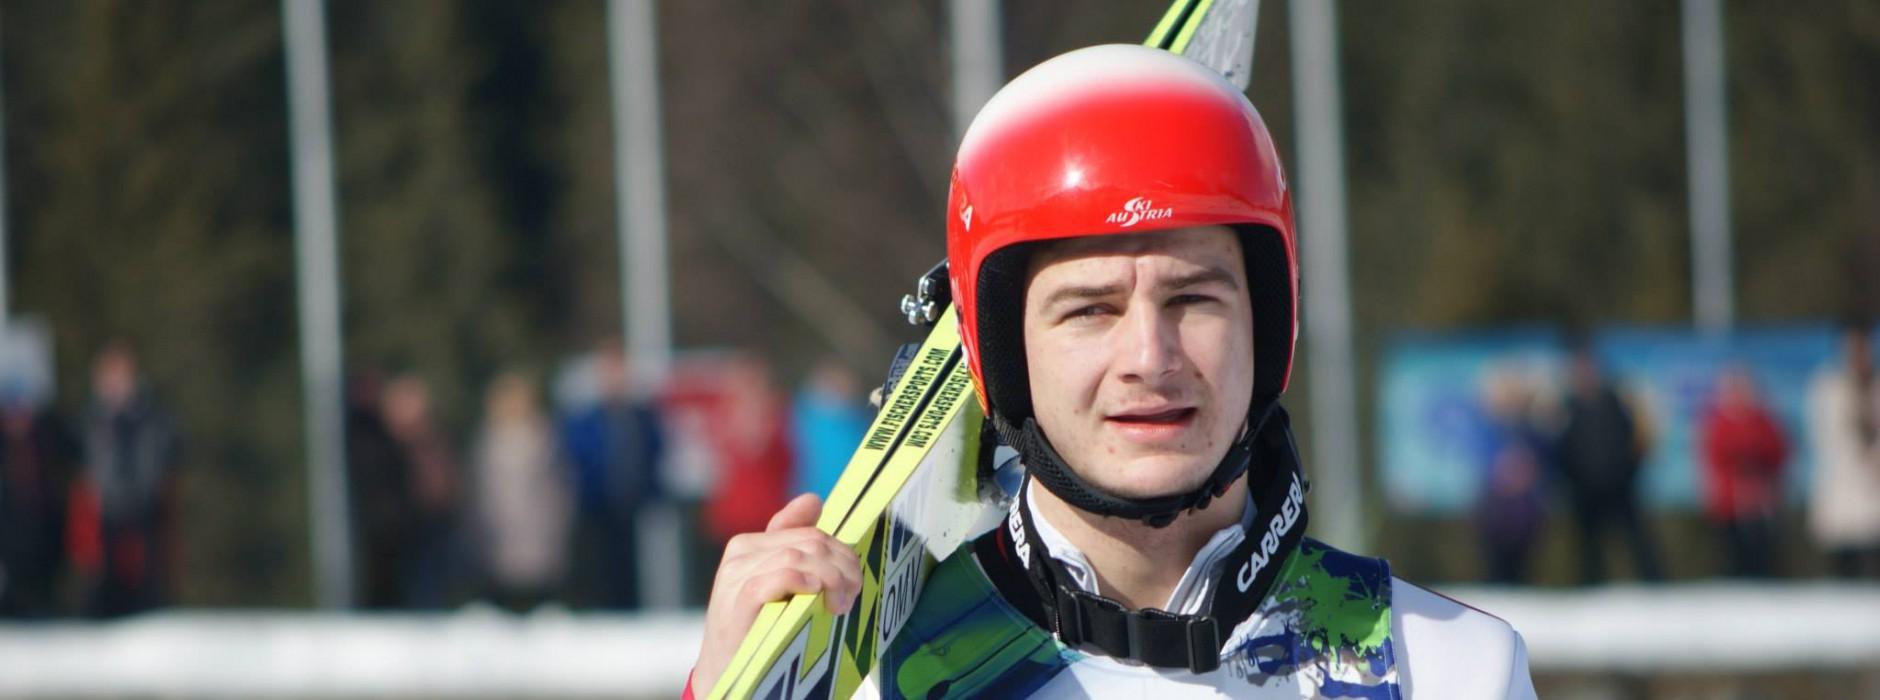 Patrick Streitler